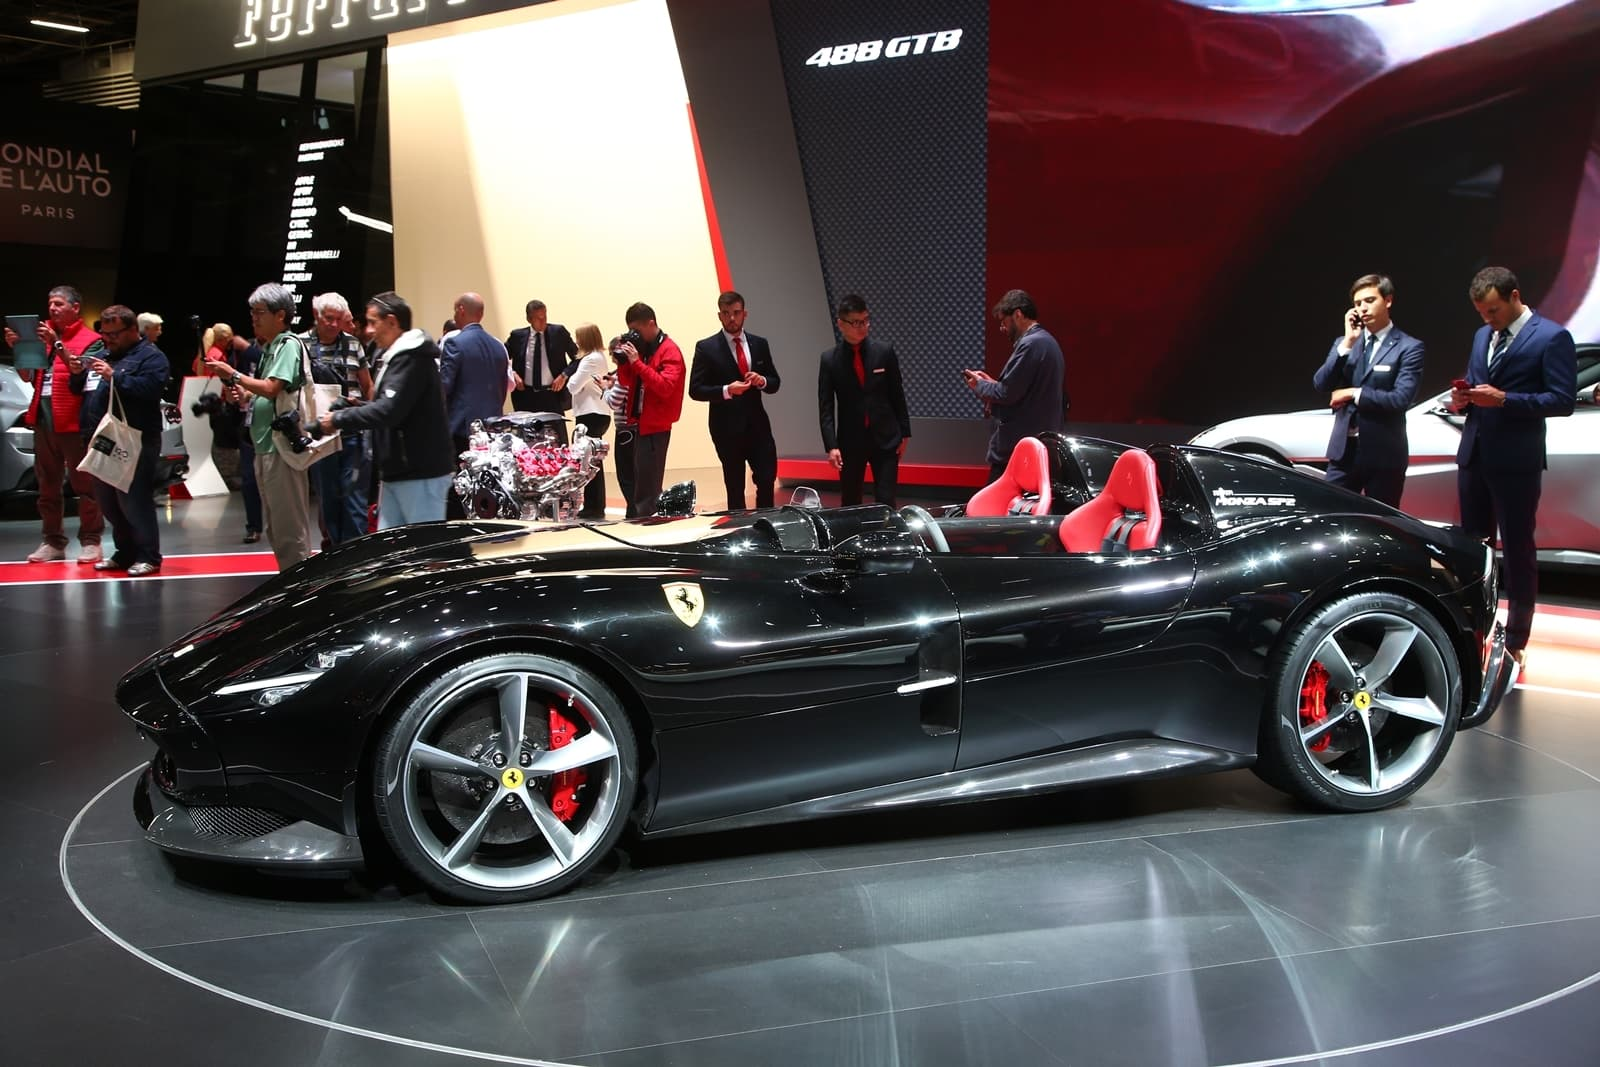 Ferrari Monza Sp1 Sp2 Paris 1018 014